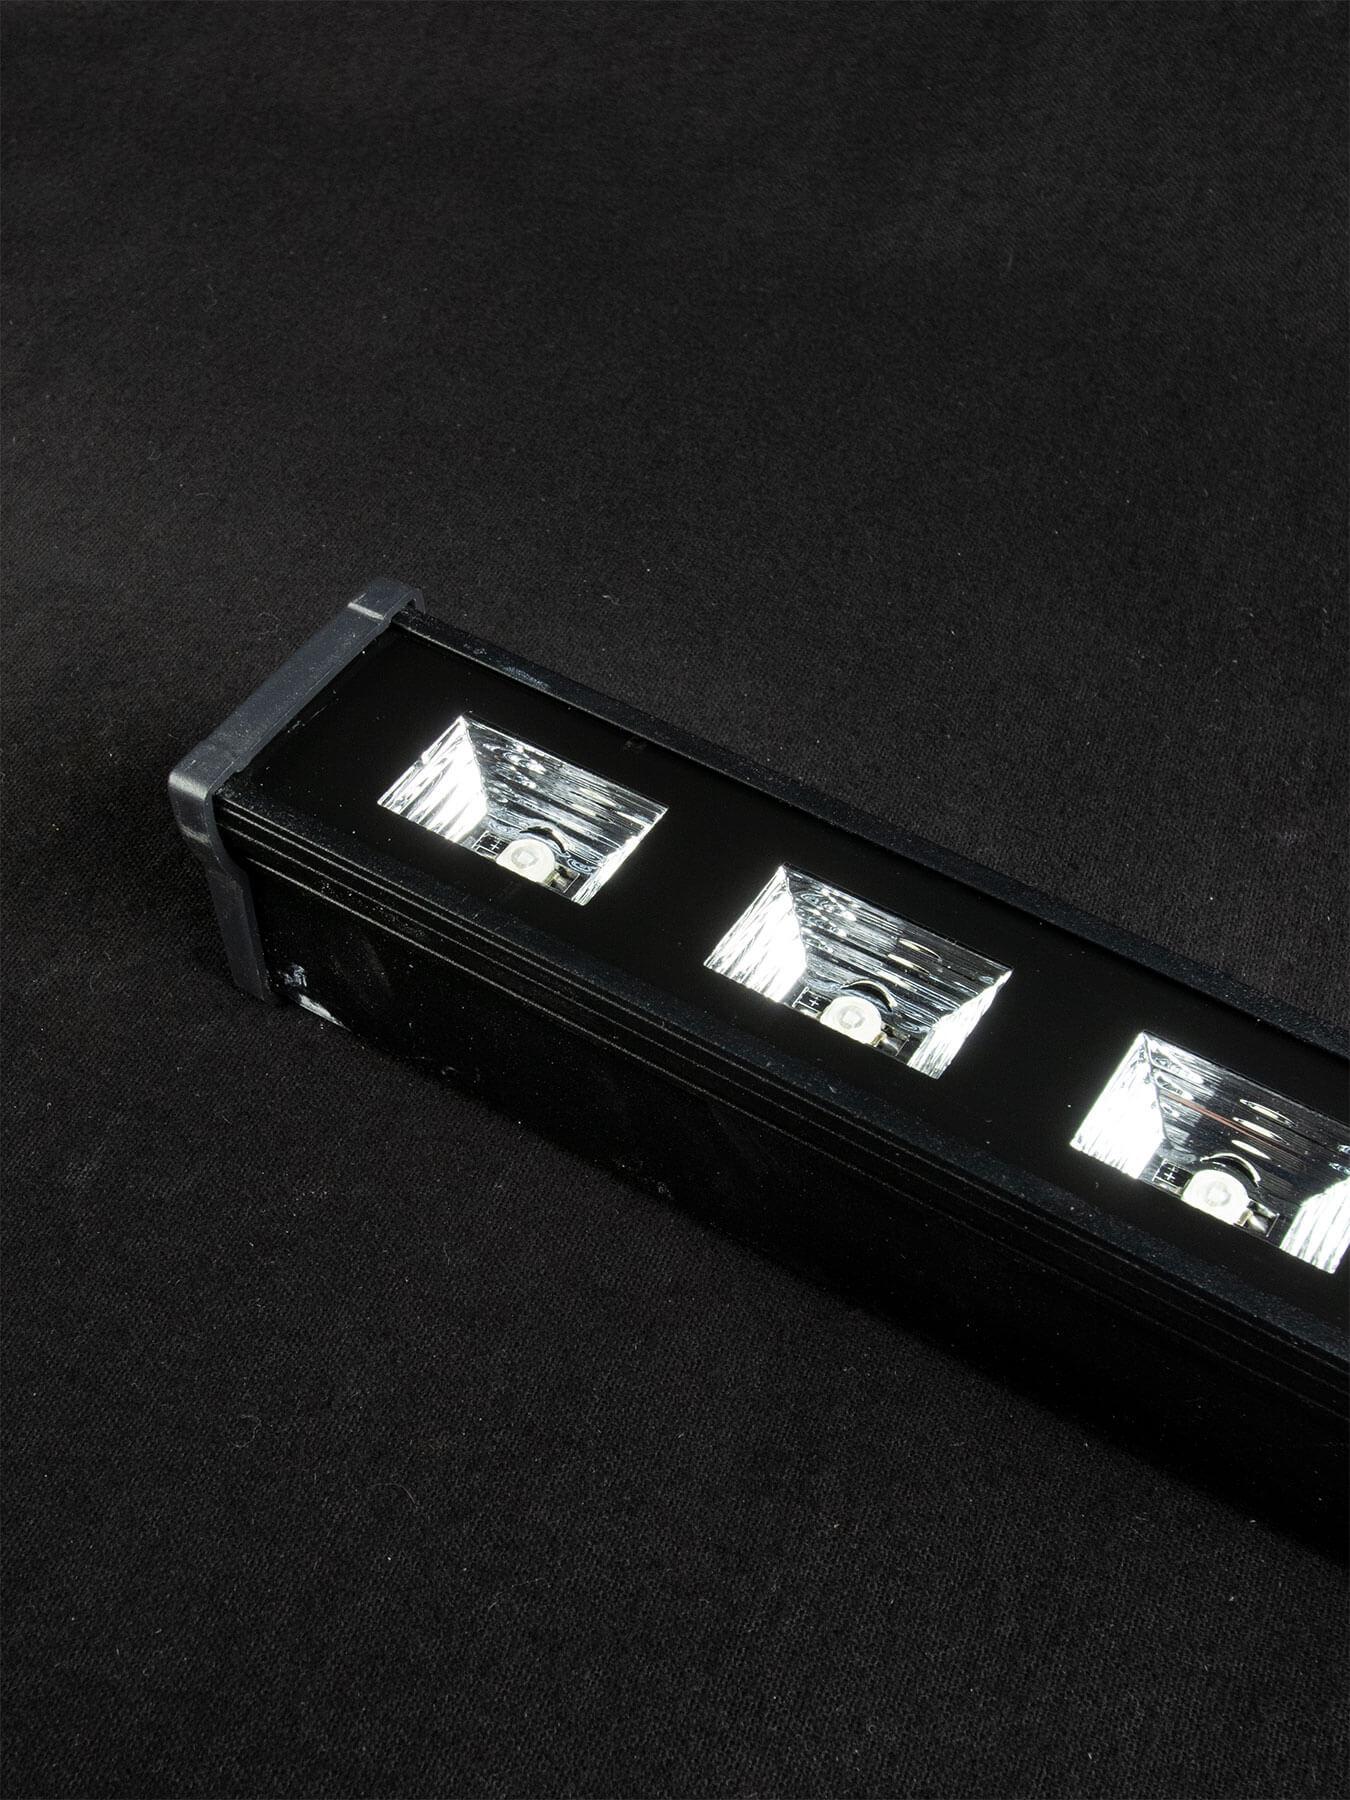 eurolite led party uv bar 18 schwarzlicht strahler. Black Bedroom Furniture Sets. Home Design Ideas